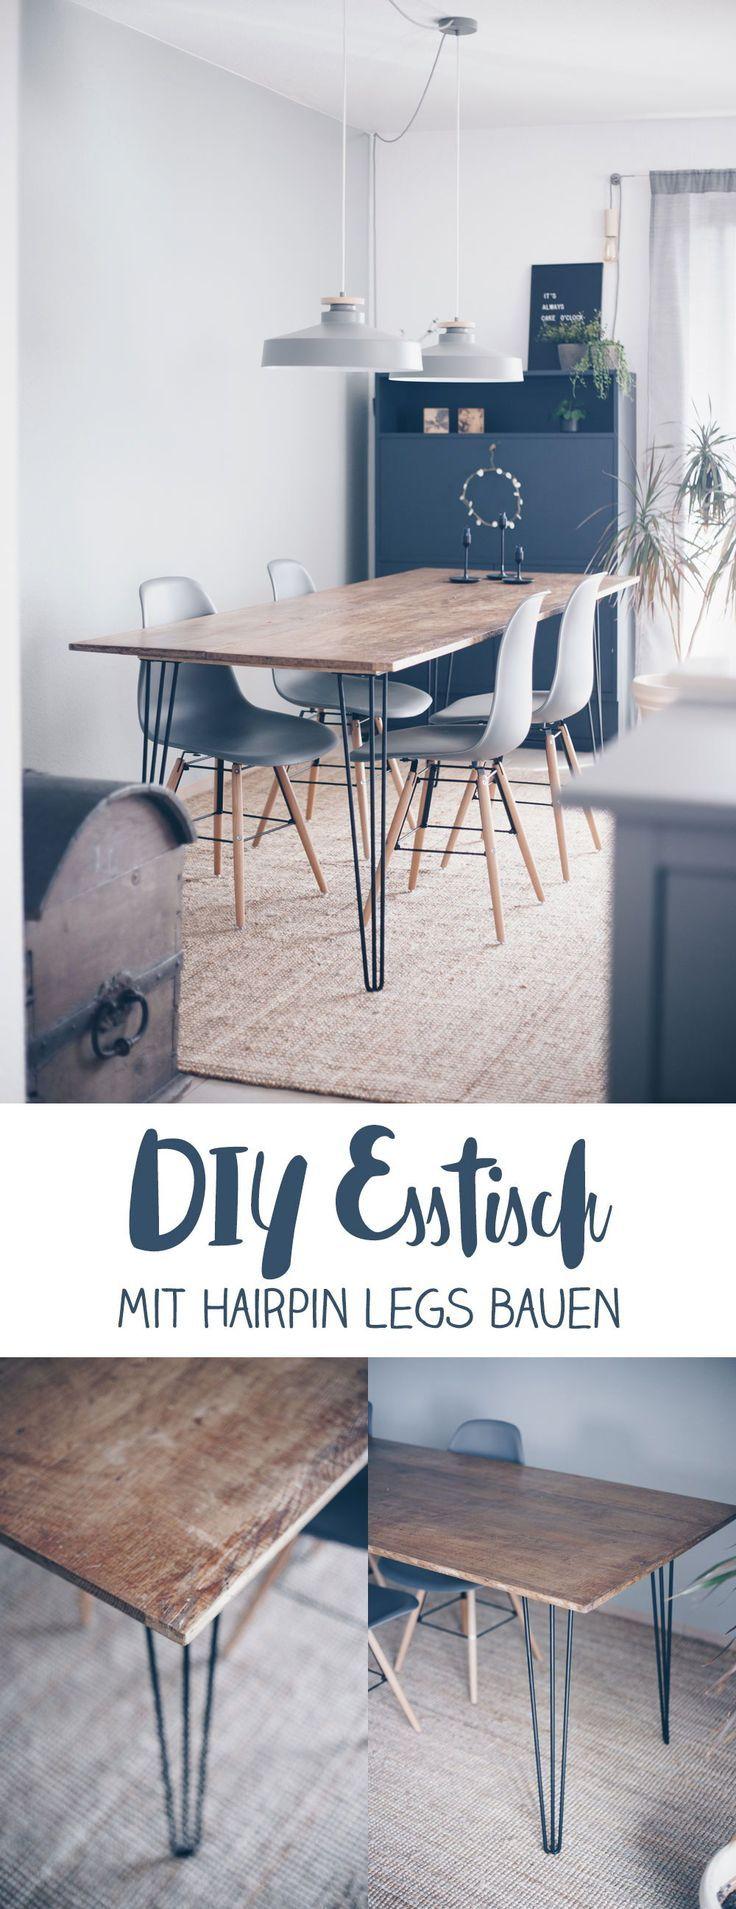 Machen Sie sich einen DIY-Esstisch mit Haarnadelbeinen – bauen Sie Ihre eigenen Möbel – DIY-Idee   – ~ Interior Inspirationen ~